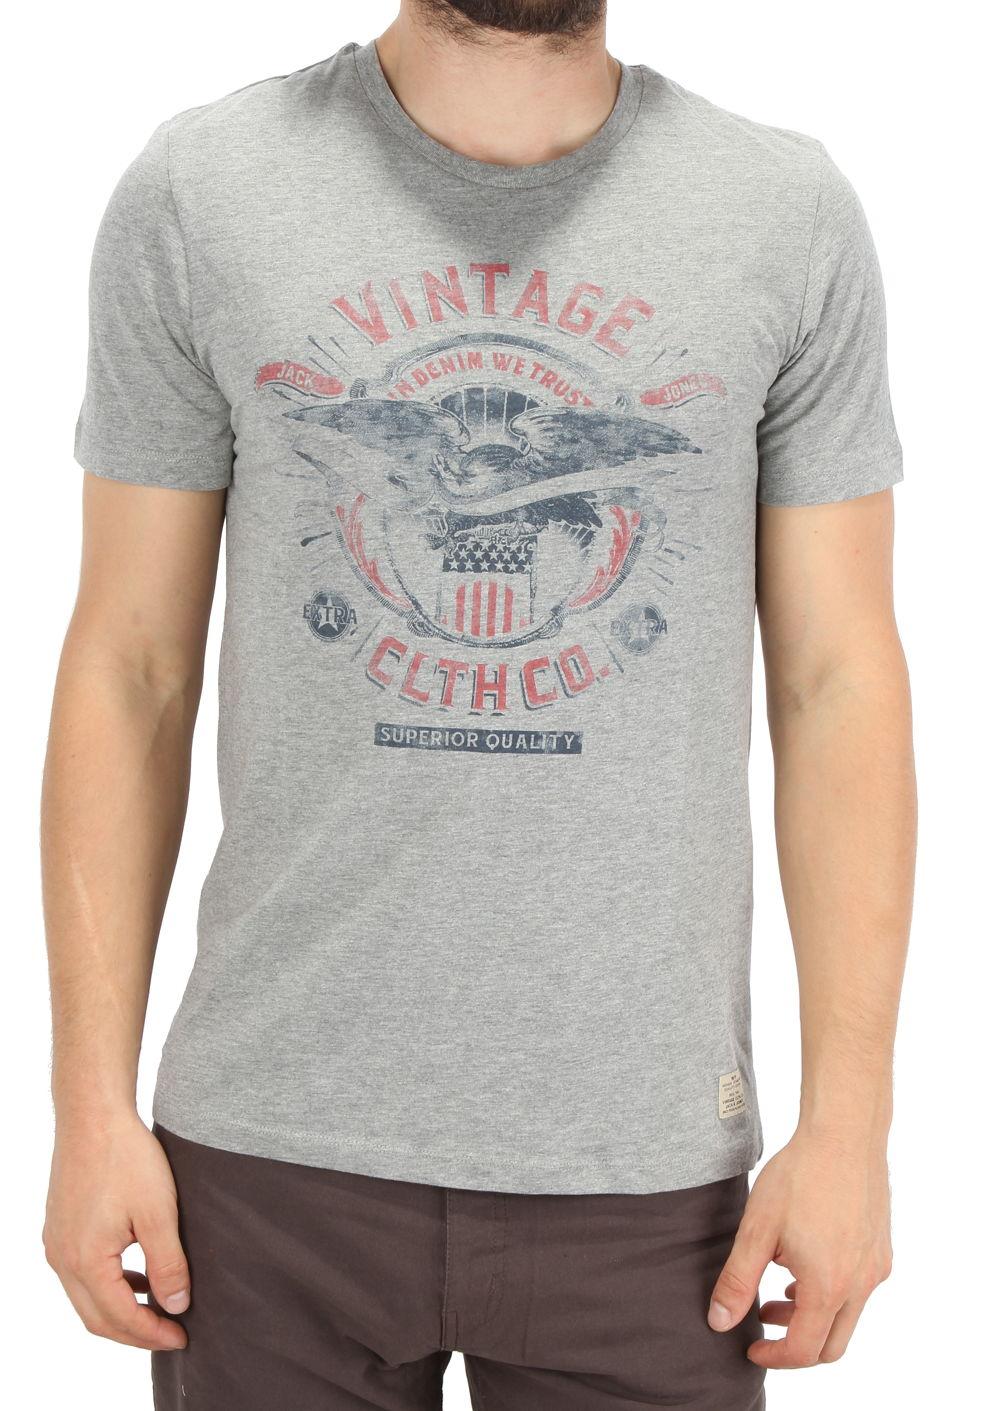 58c72c2d0 Pánske tričko Jack & Jones   hejmoda.sk